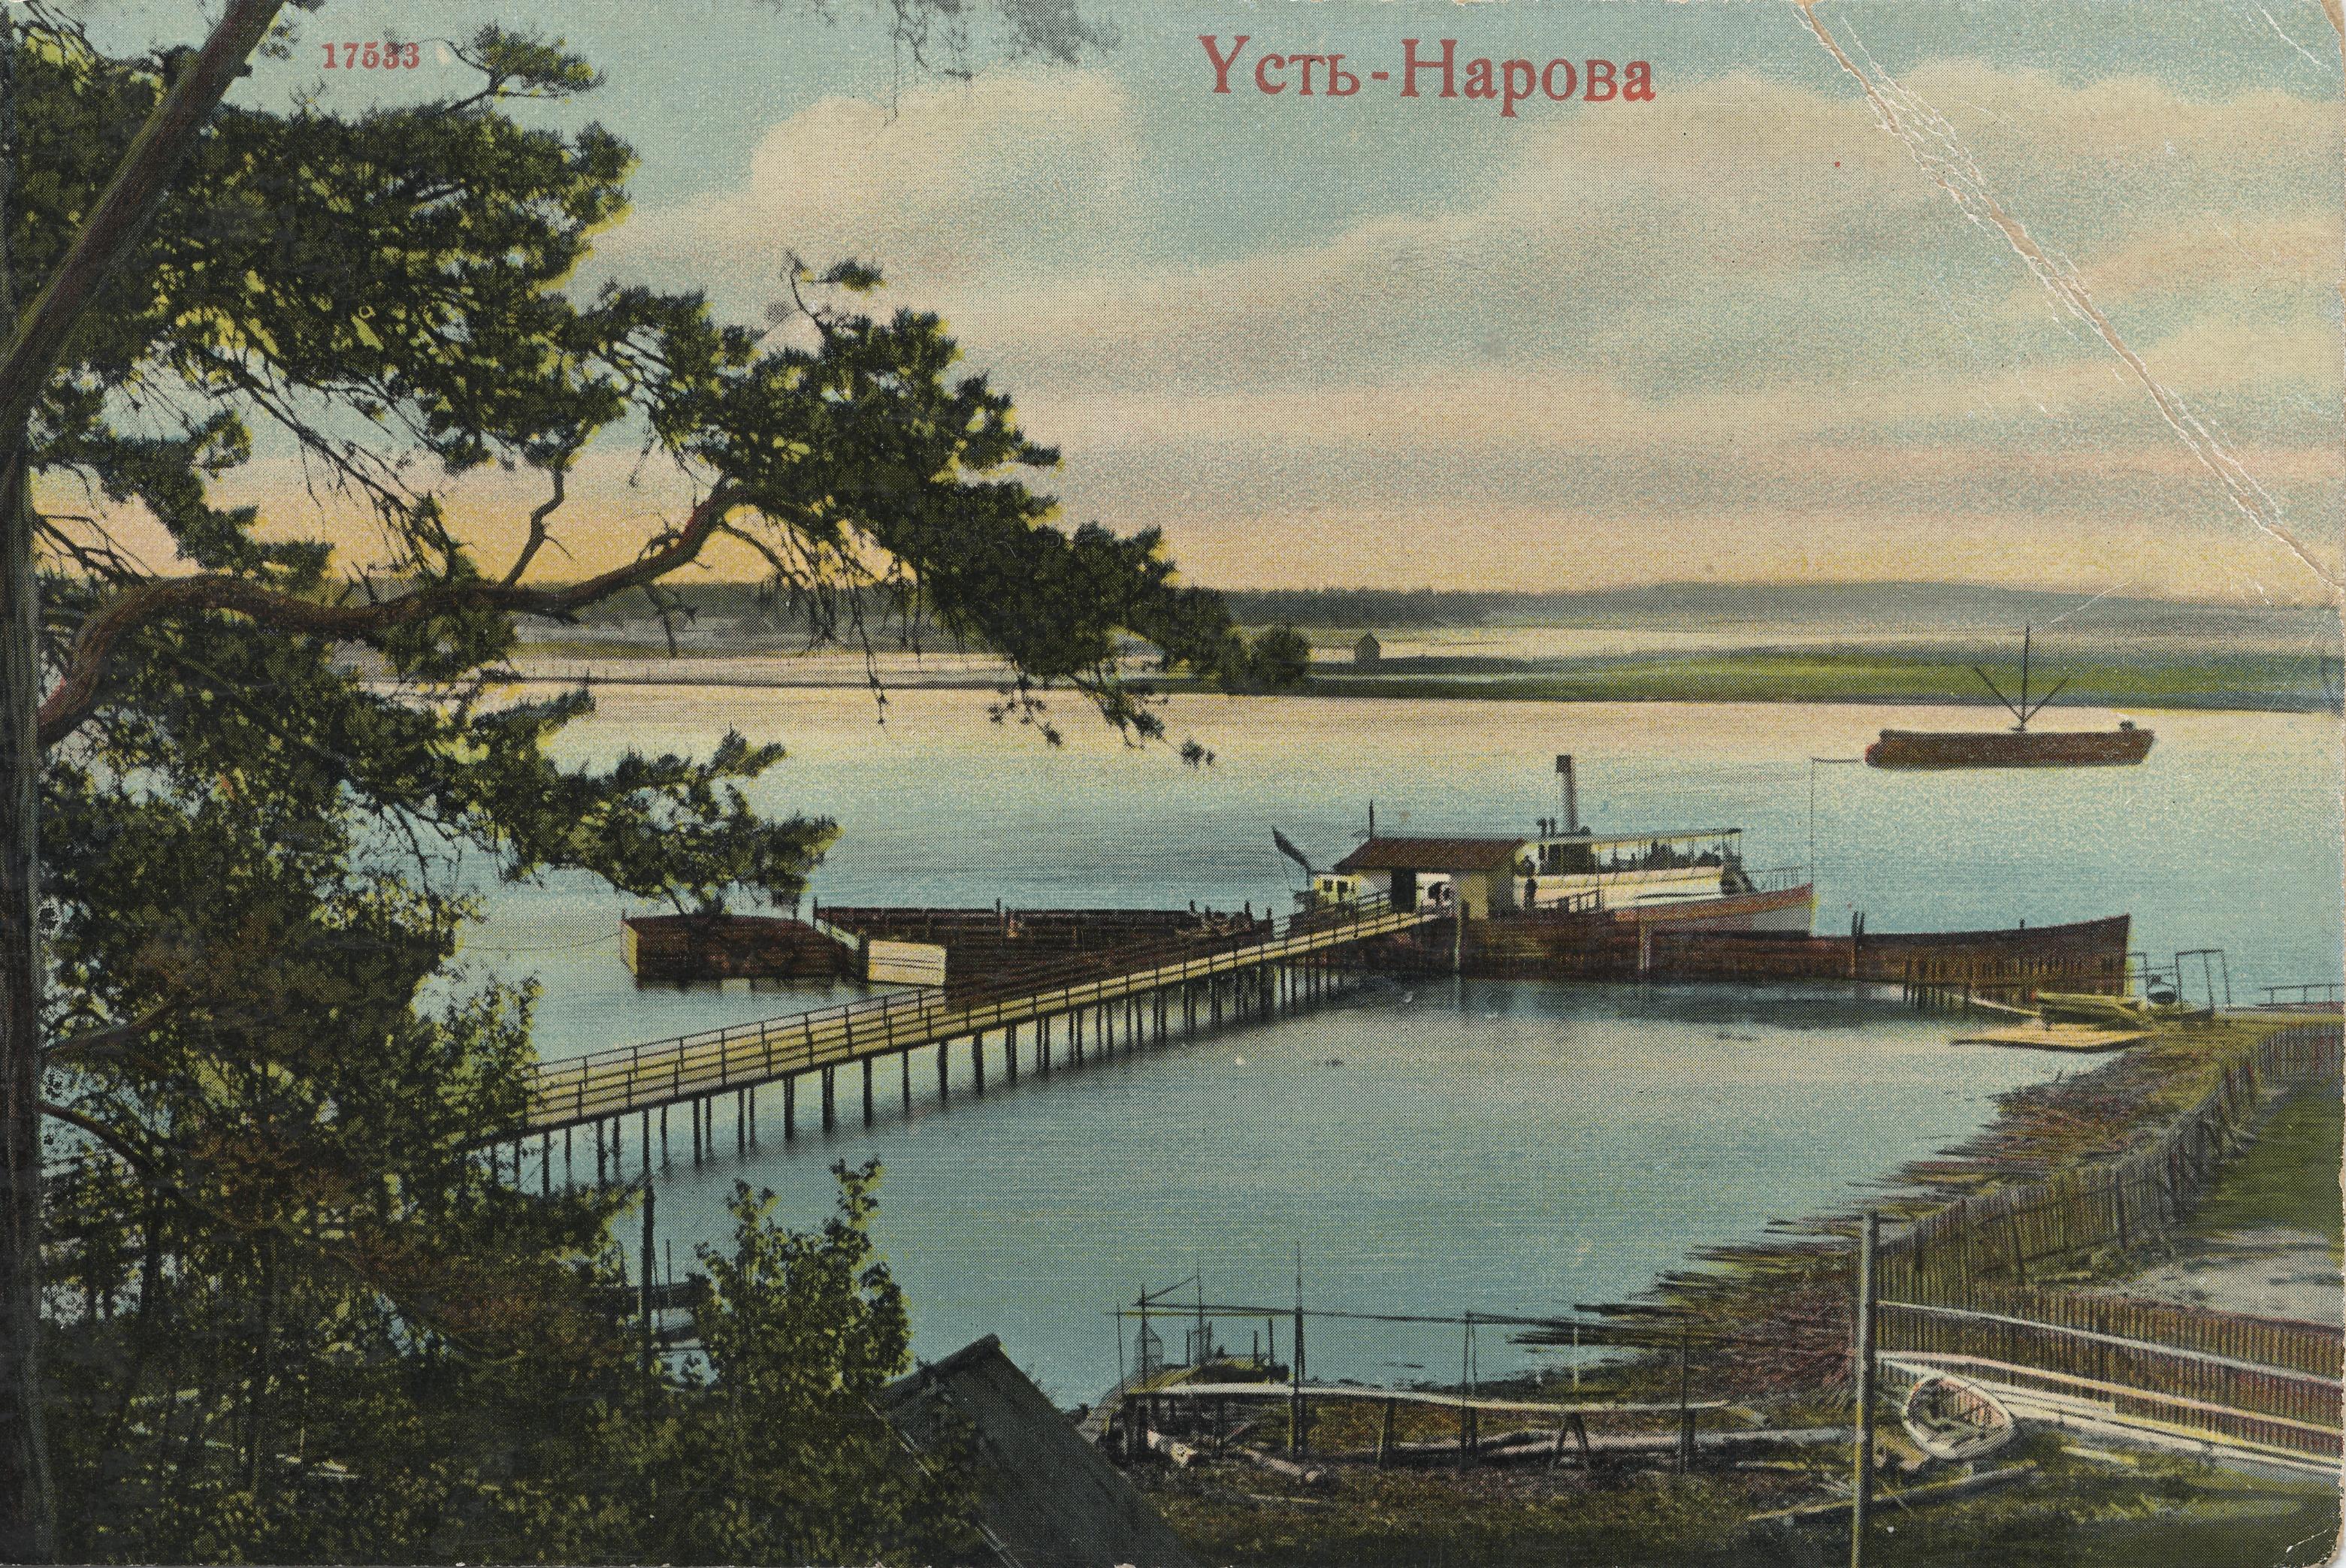 Вид на реку Нарову